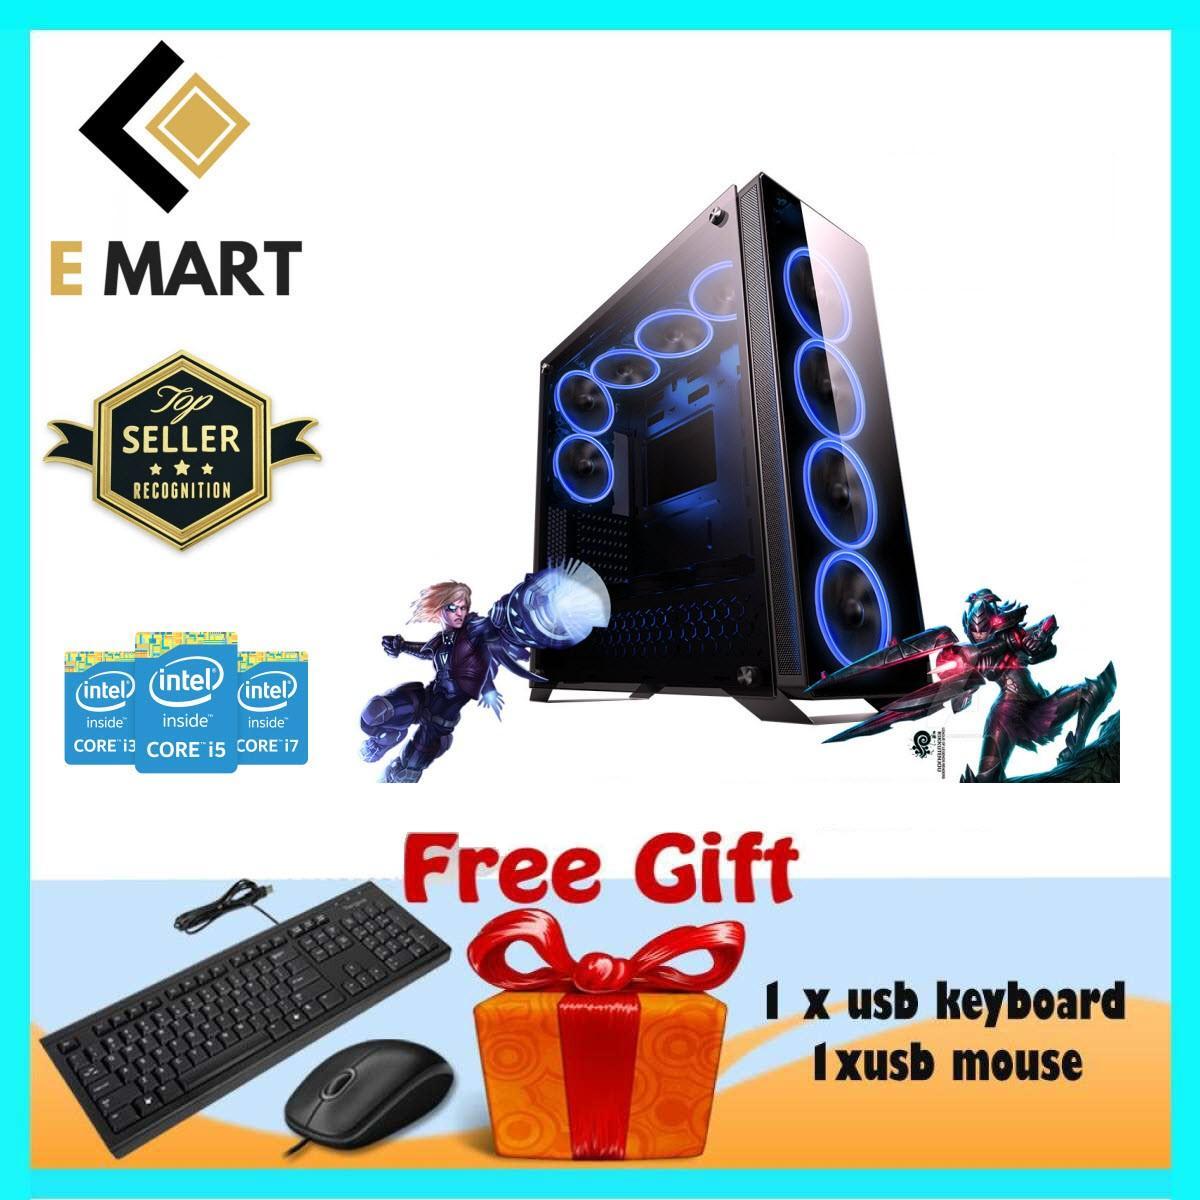 PC Gaming Cao Cấp Cao Cấp Core i5 3470, Ram 8GB, HDD 2TB, VGA GTX1050TI 4GB EMGP75 + Quà Tặng